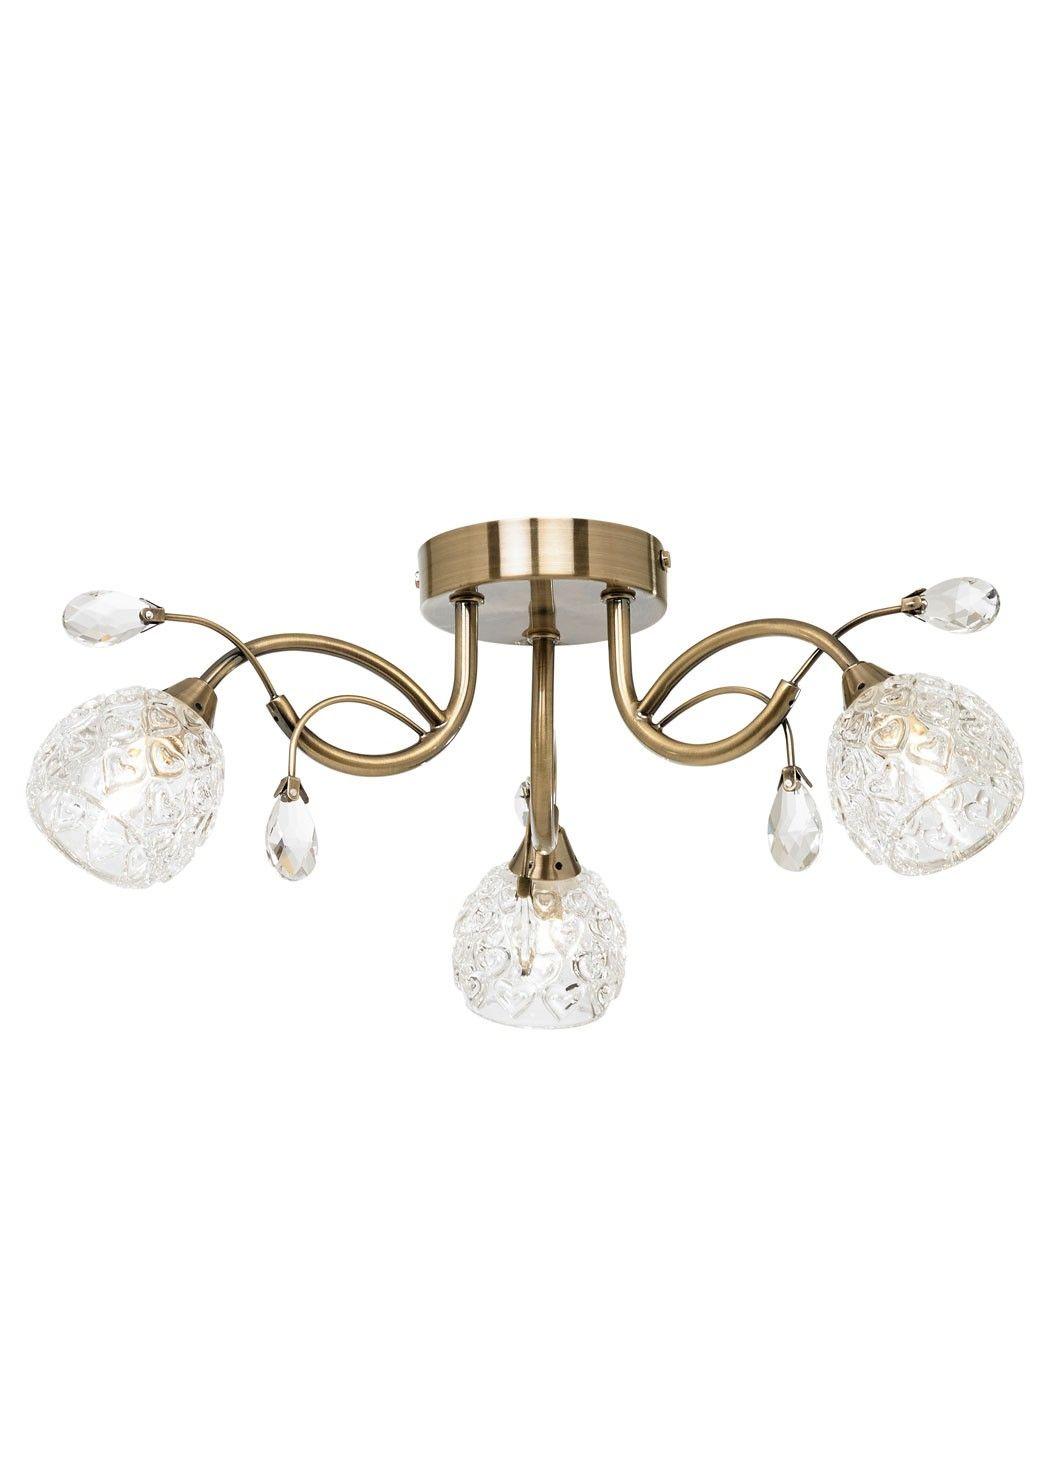 Darroch 3 light ceiling light antique brass kitchens pinterest darroch 3 light ceiling light antique brass mozeypictures Gallery